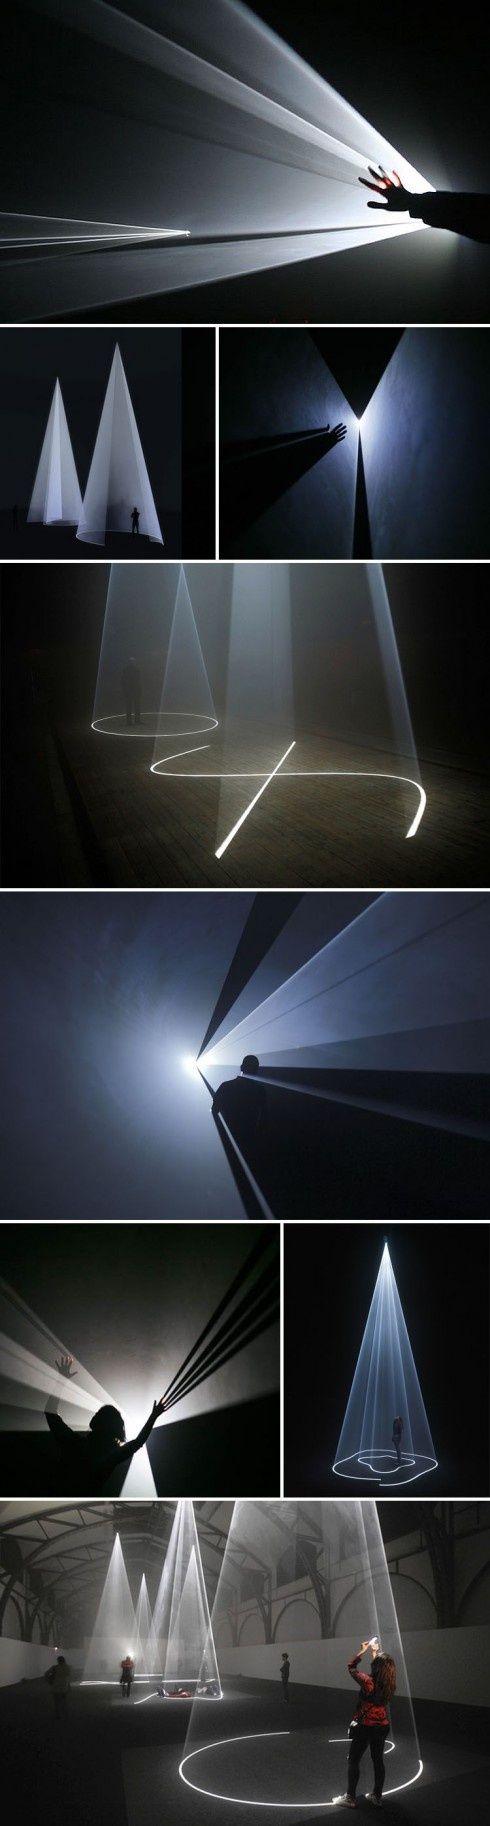 無限のかなたに向かい光の線が走る。